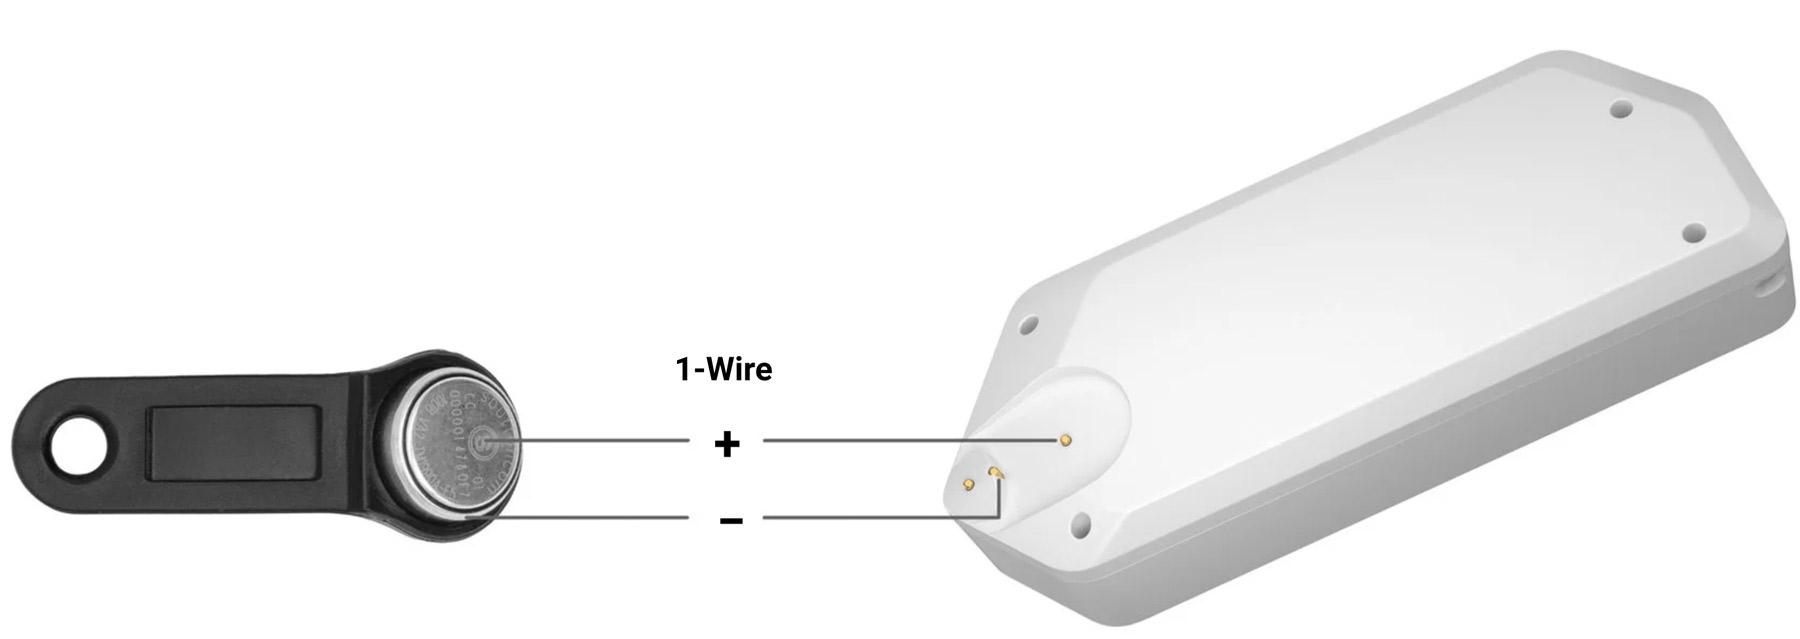 Flipper Zero-One — теперь два устройства. Подготовка к Кикстартеру - 13